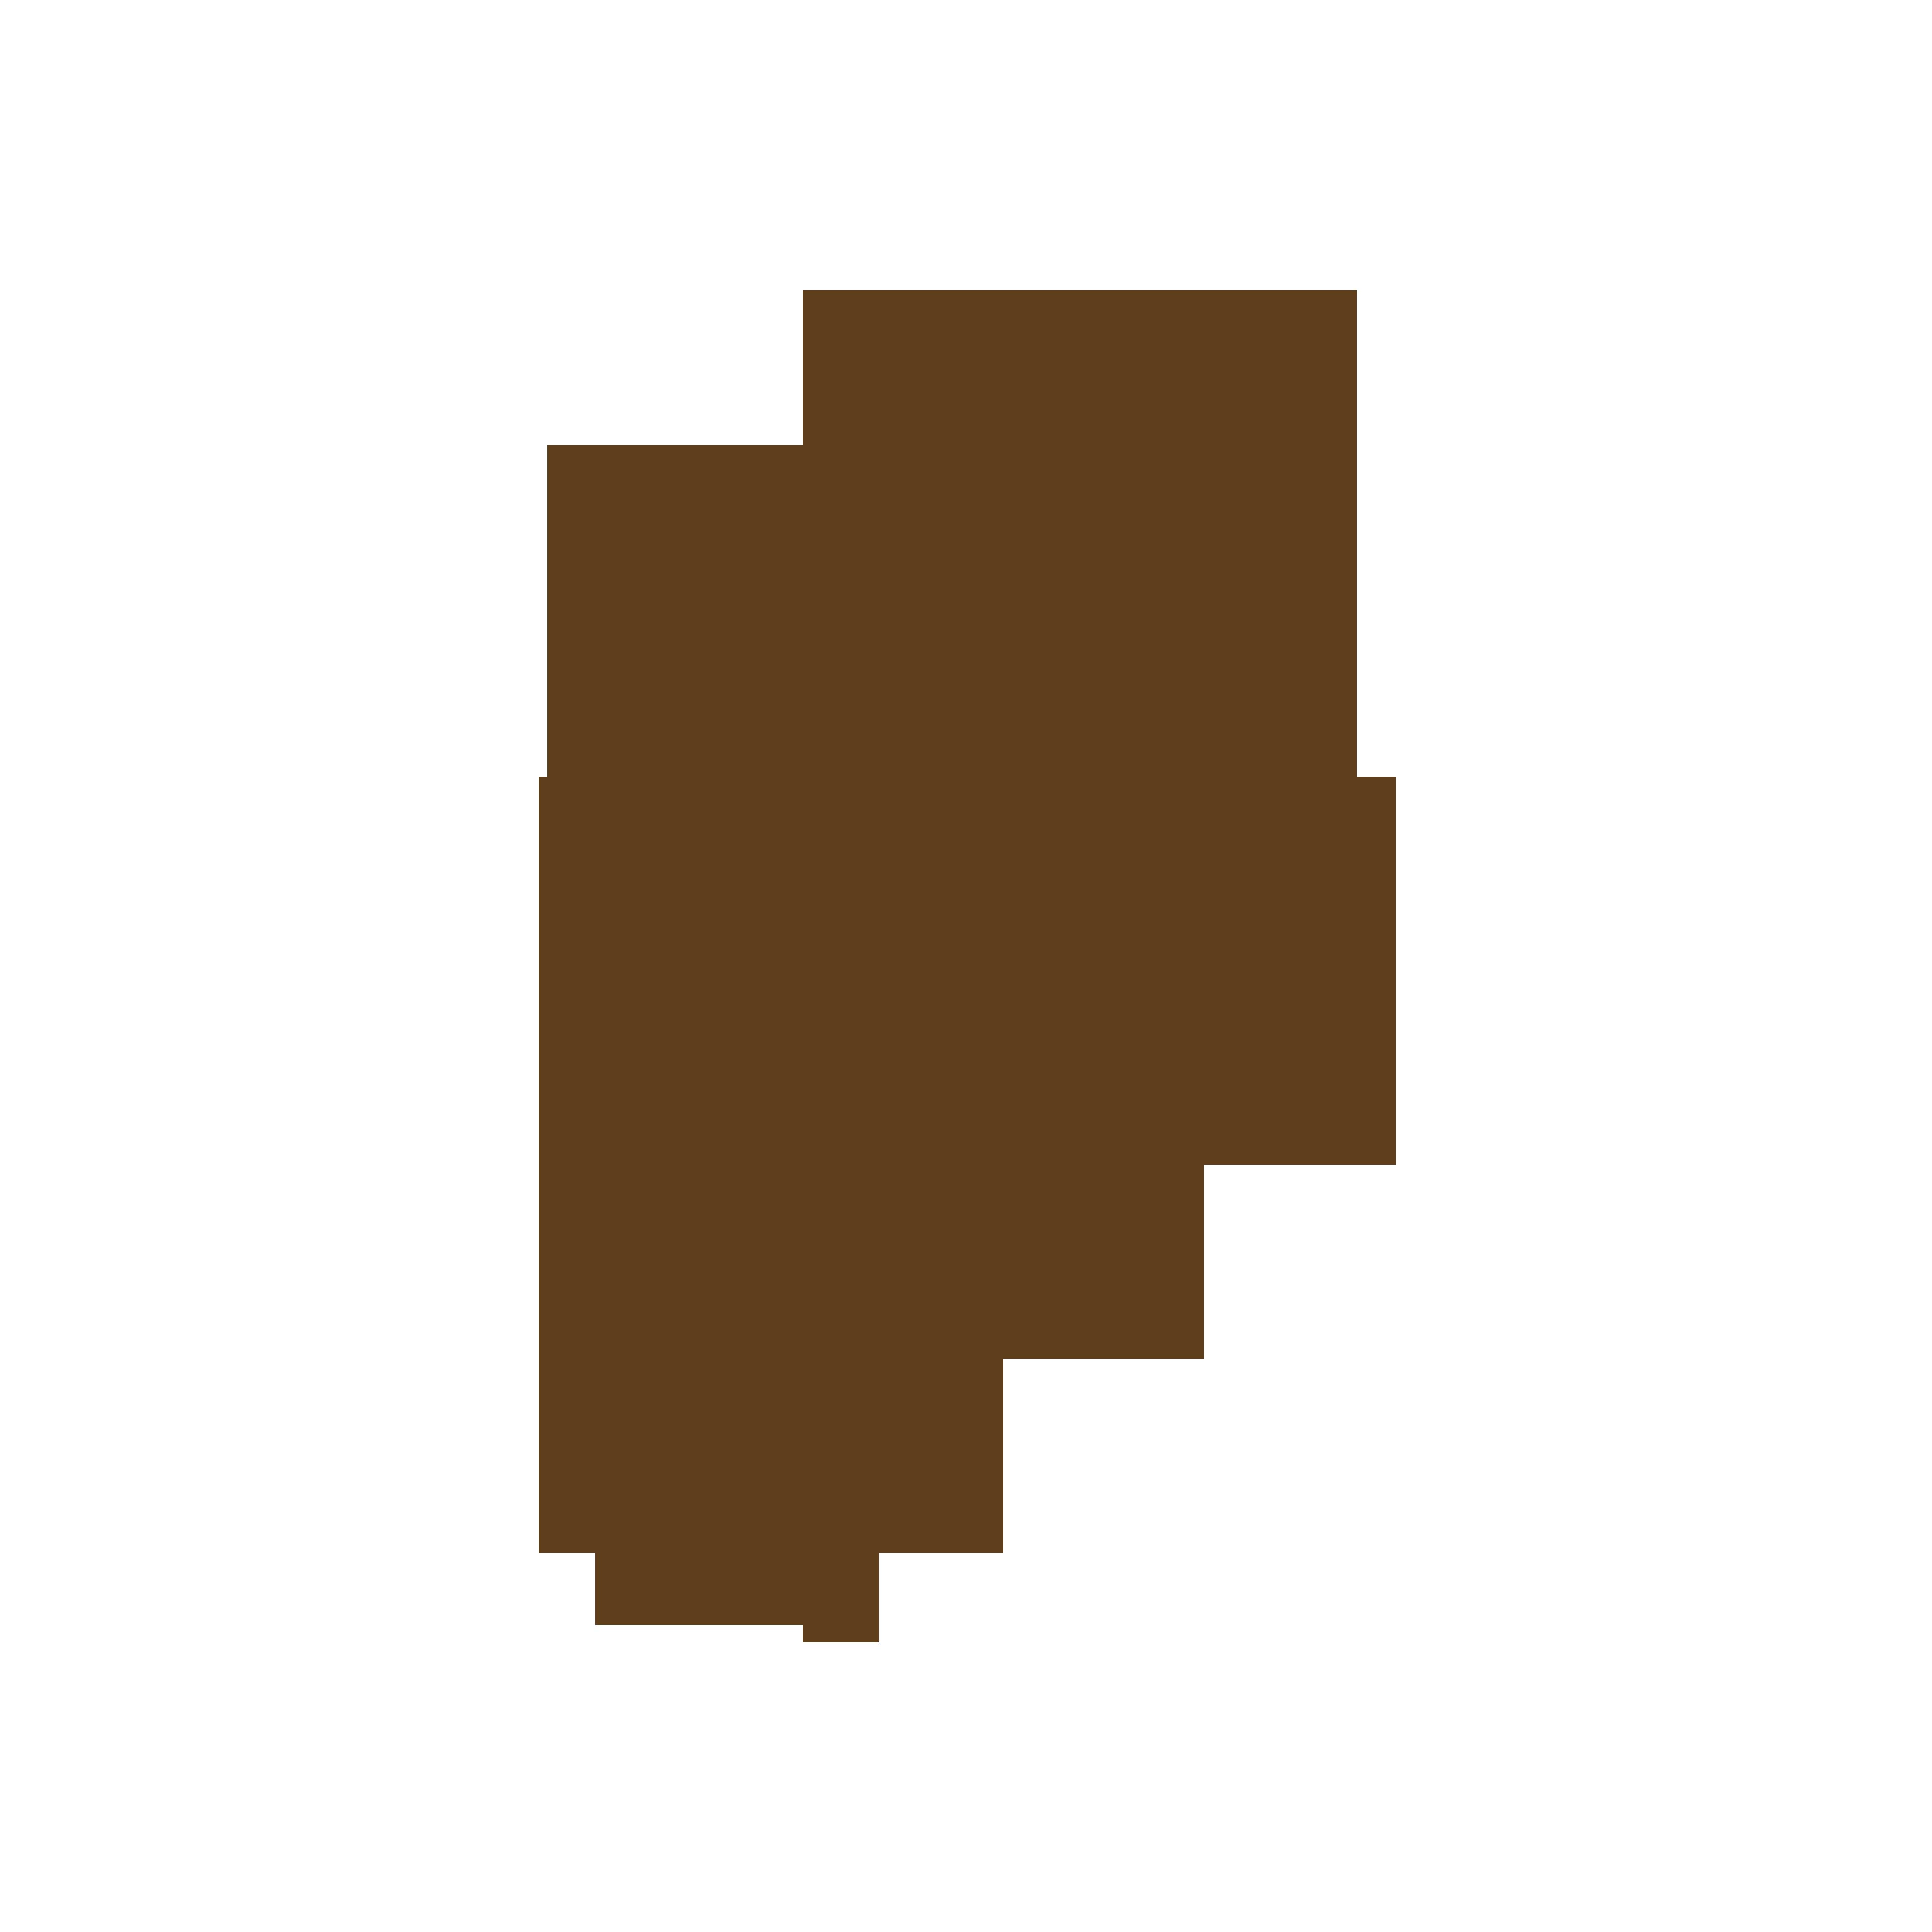 carduus-carciofo-amaro-brindisi-acquistaonline-infuseriabrindisina